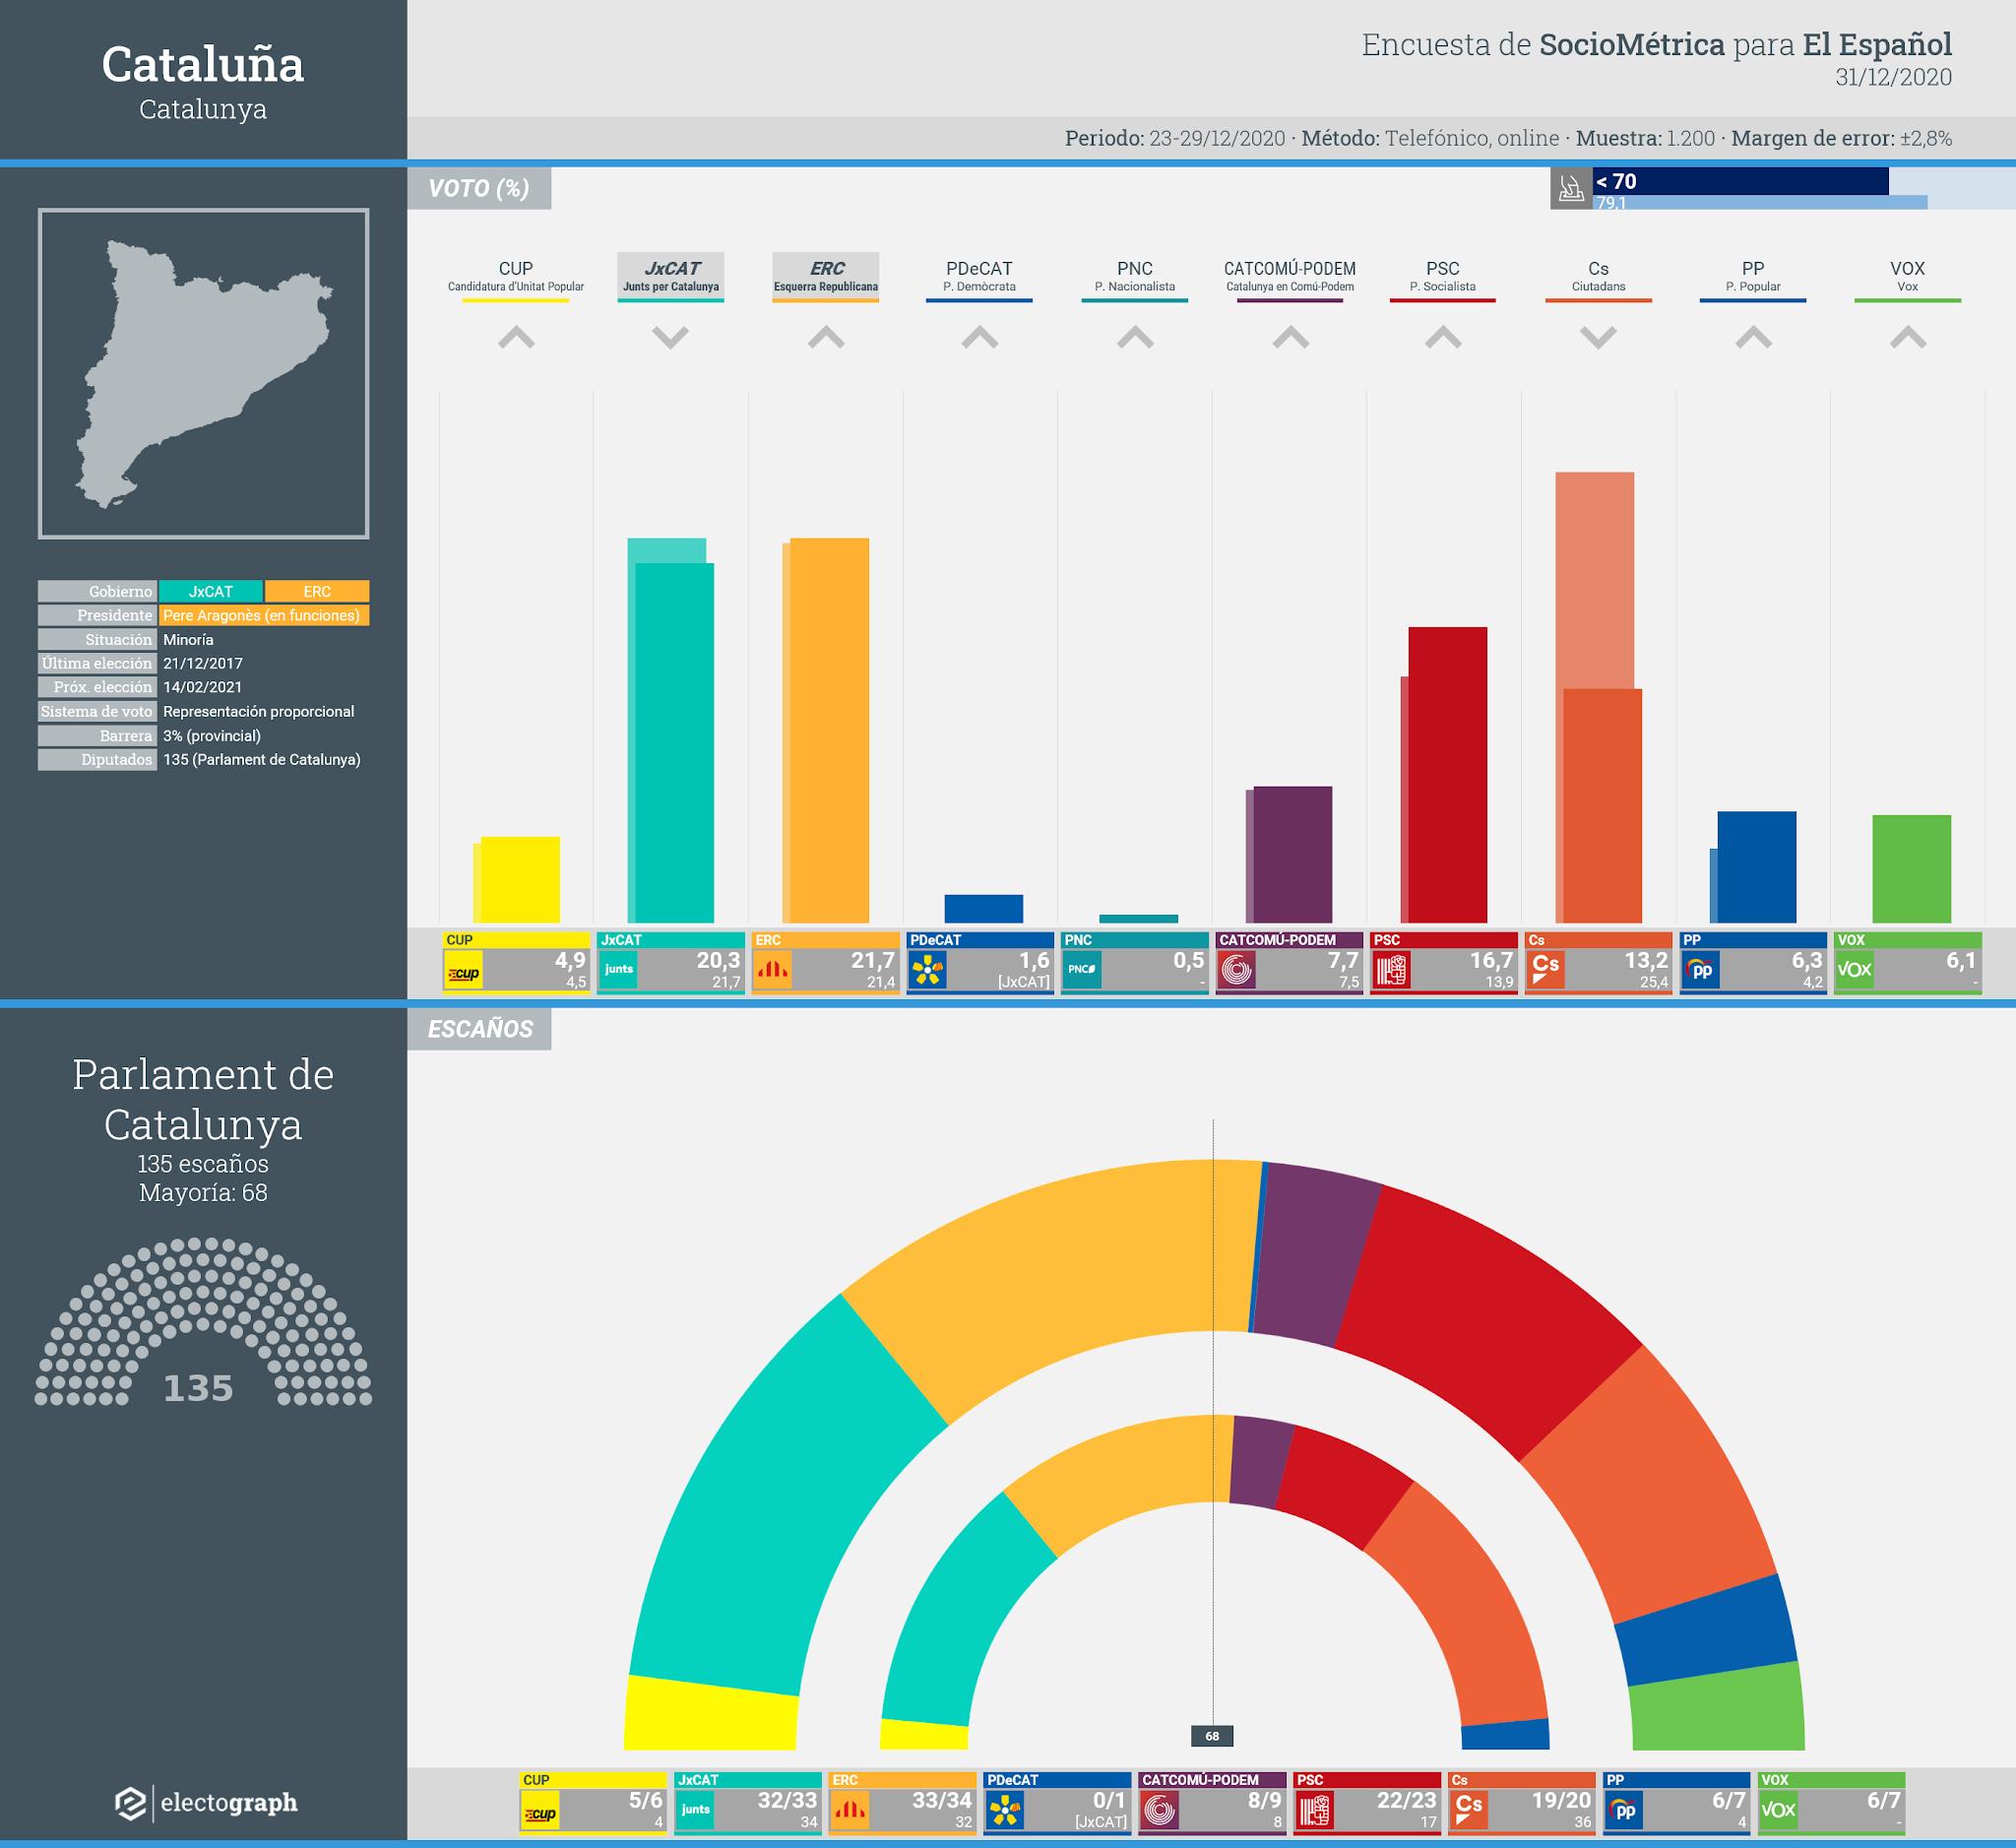 Gráfico de la encuesta para elecciones generales en Cataluña realizada por SocioMétrica para El Español, 31 de diciembre de 2020